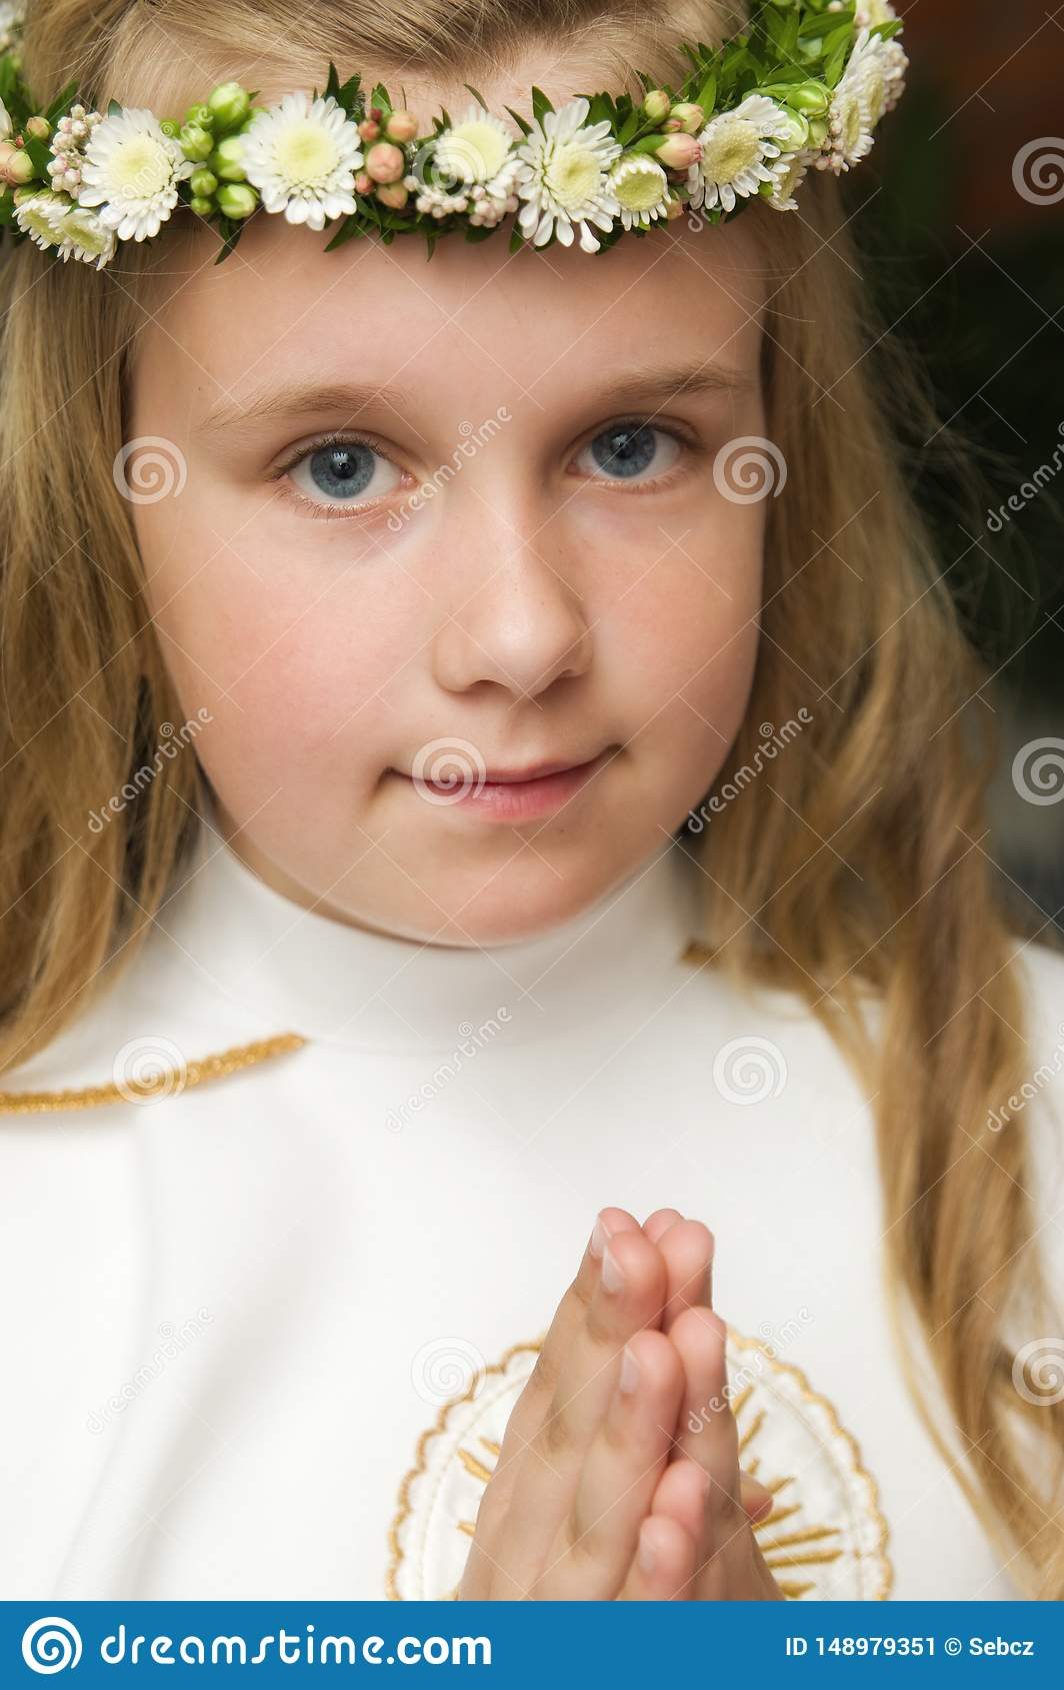 女孩的画象准备好第一圣餐